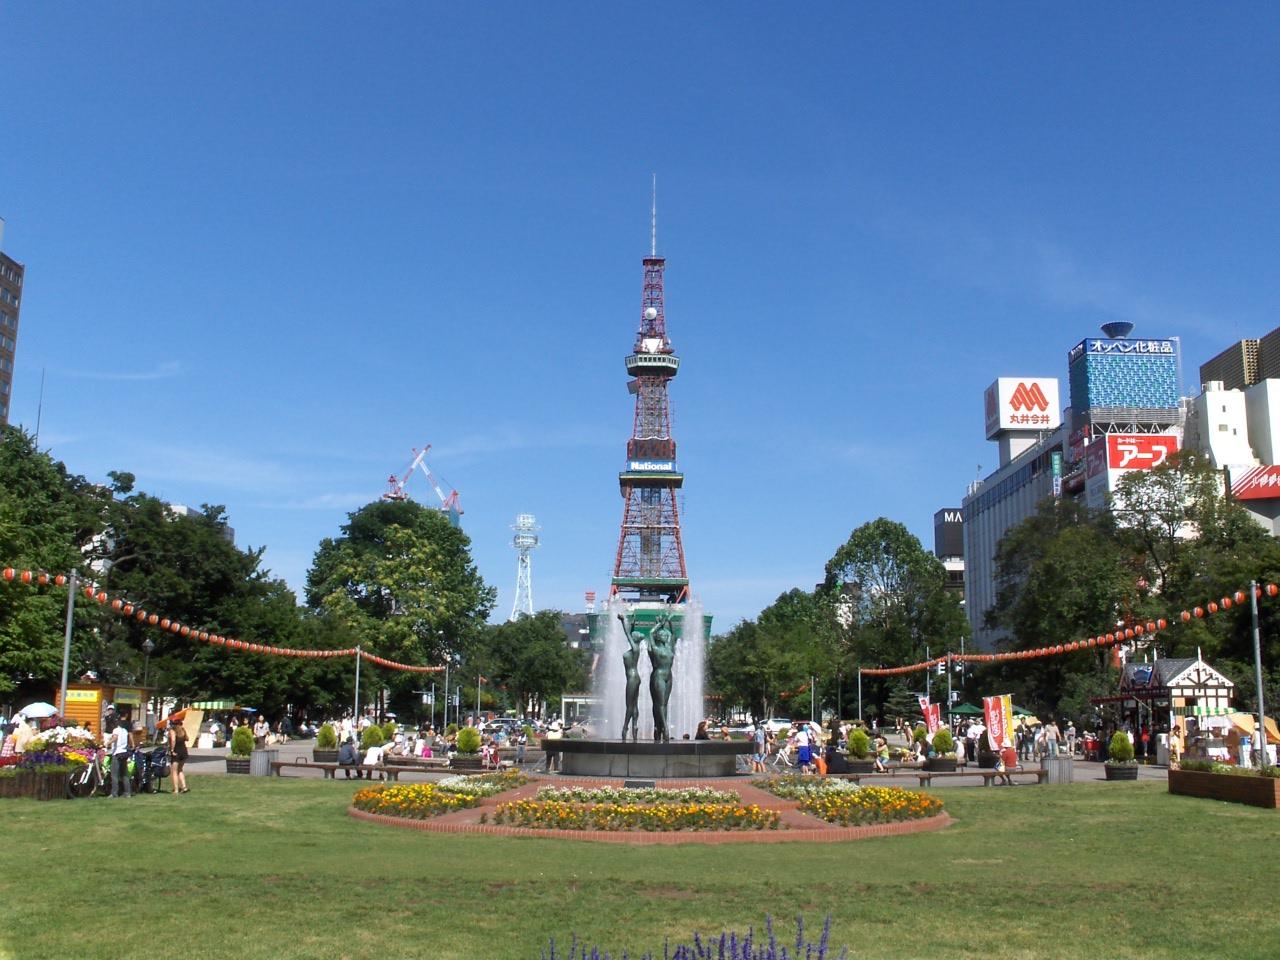 Discover Hokkaido - Sapporo, Otaru, Noboribetsu, Lake Toya, Hakodate - 7 Days